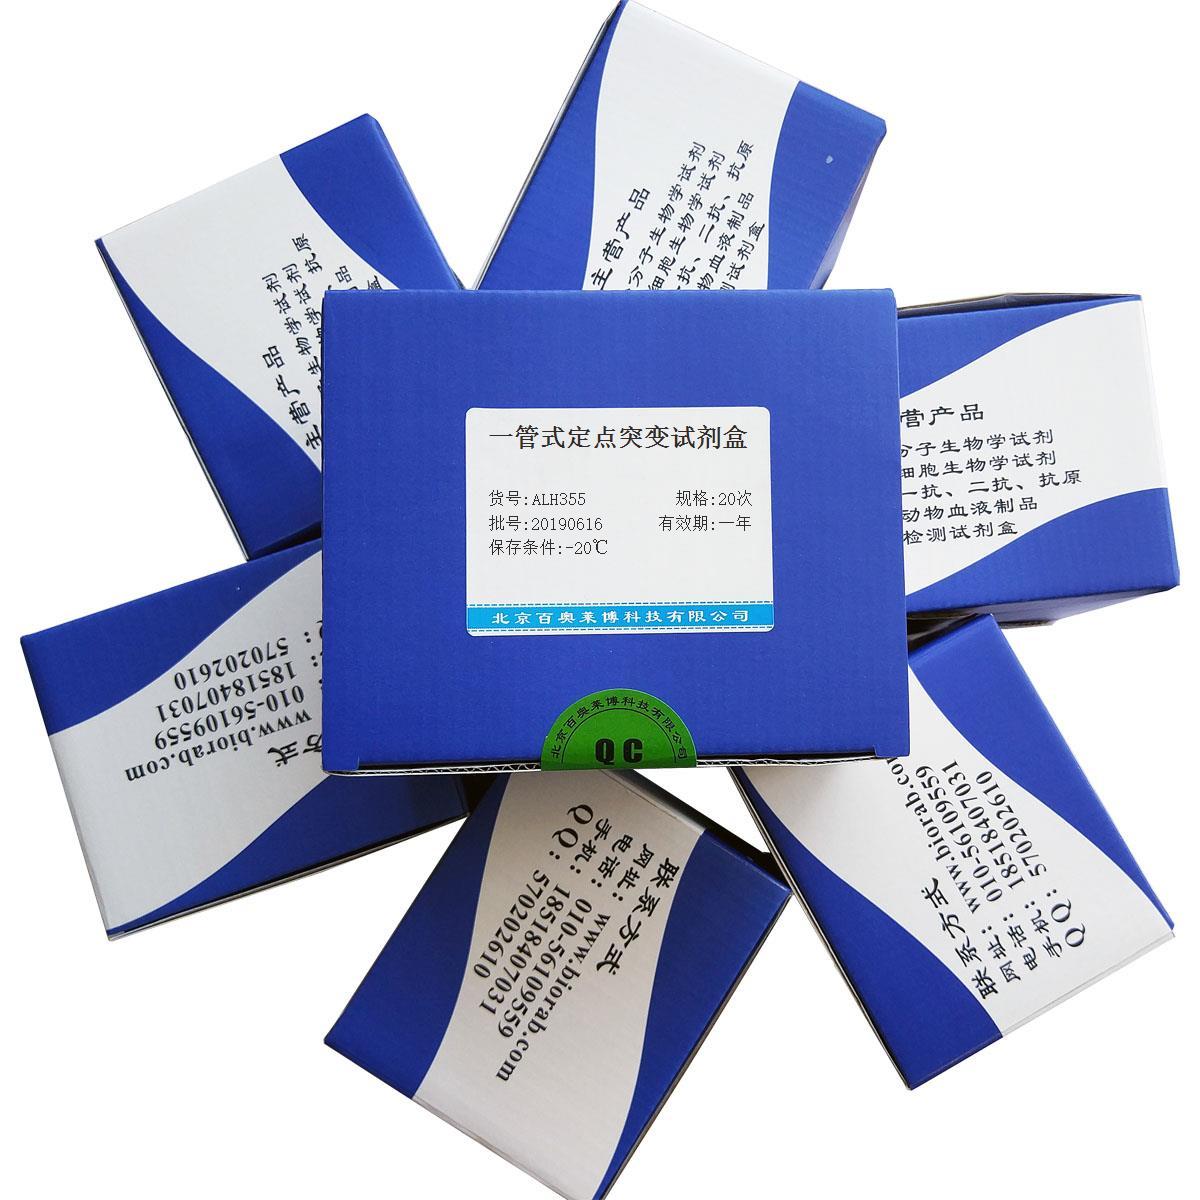 一管式定点突变试剂盒优惠促销